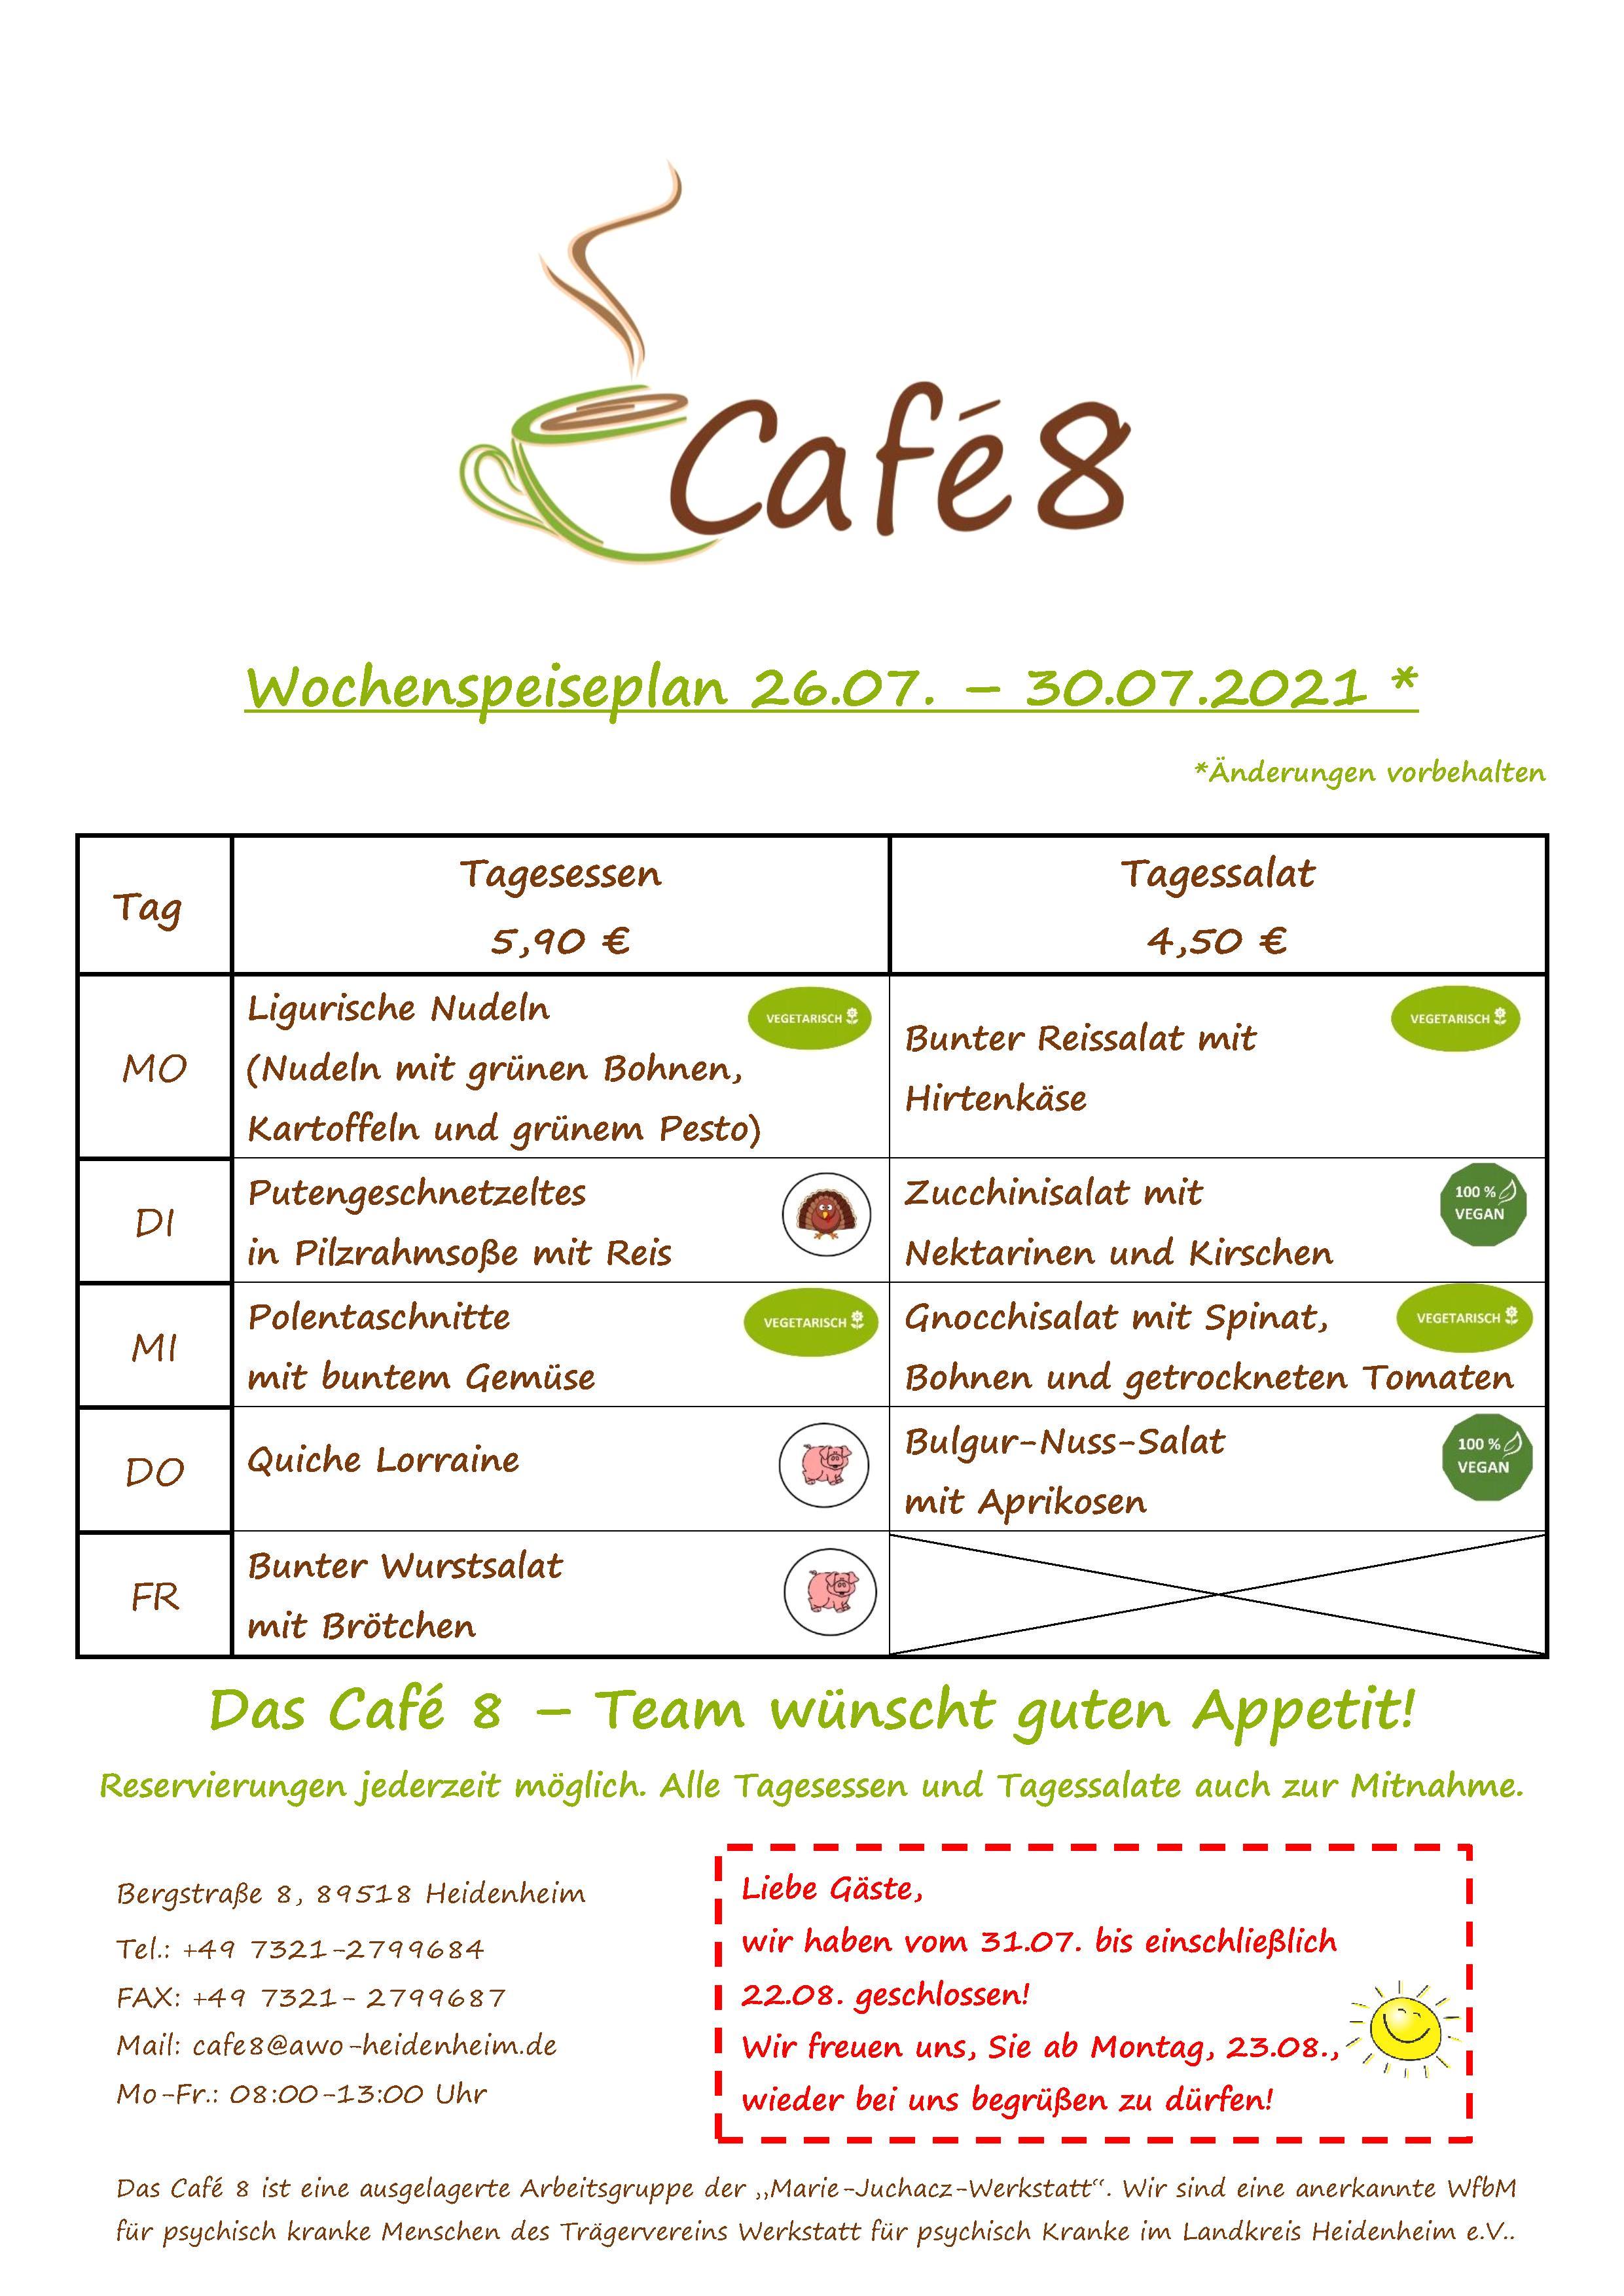 Cafe8_Wochenspeiseplan_KW30_2021